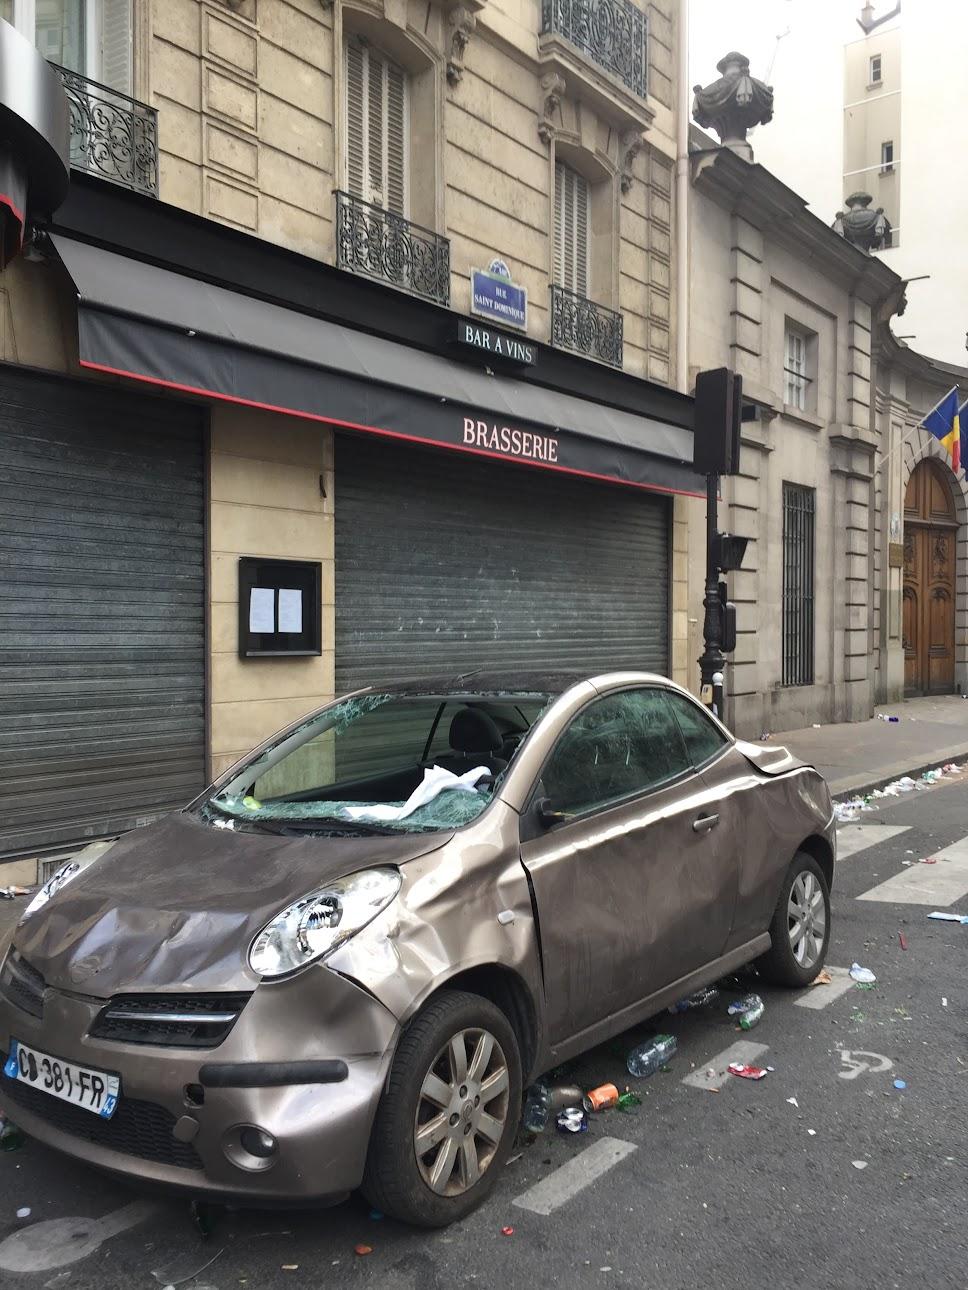 パリ,メーデー,空港,バス,封鎖,交通機関,通行止め,クリスマス,デモ,メトロ,暴動